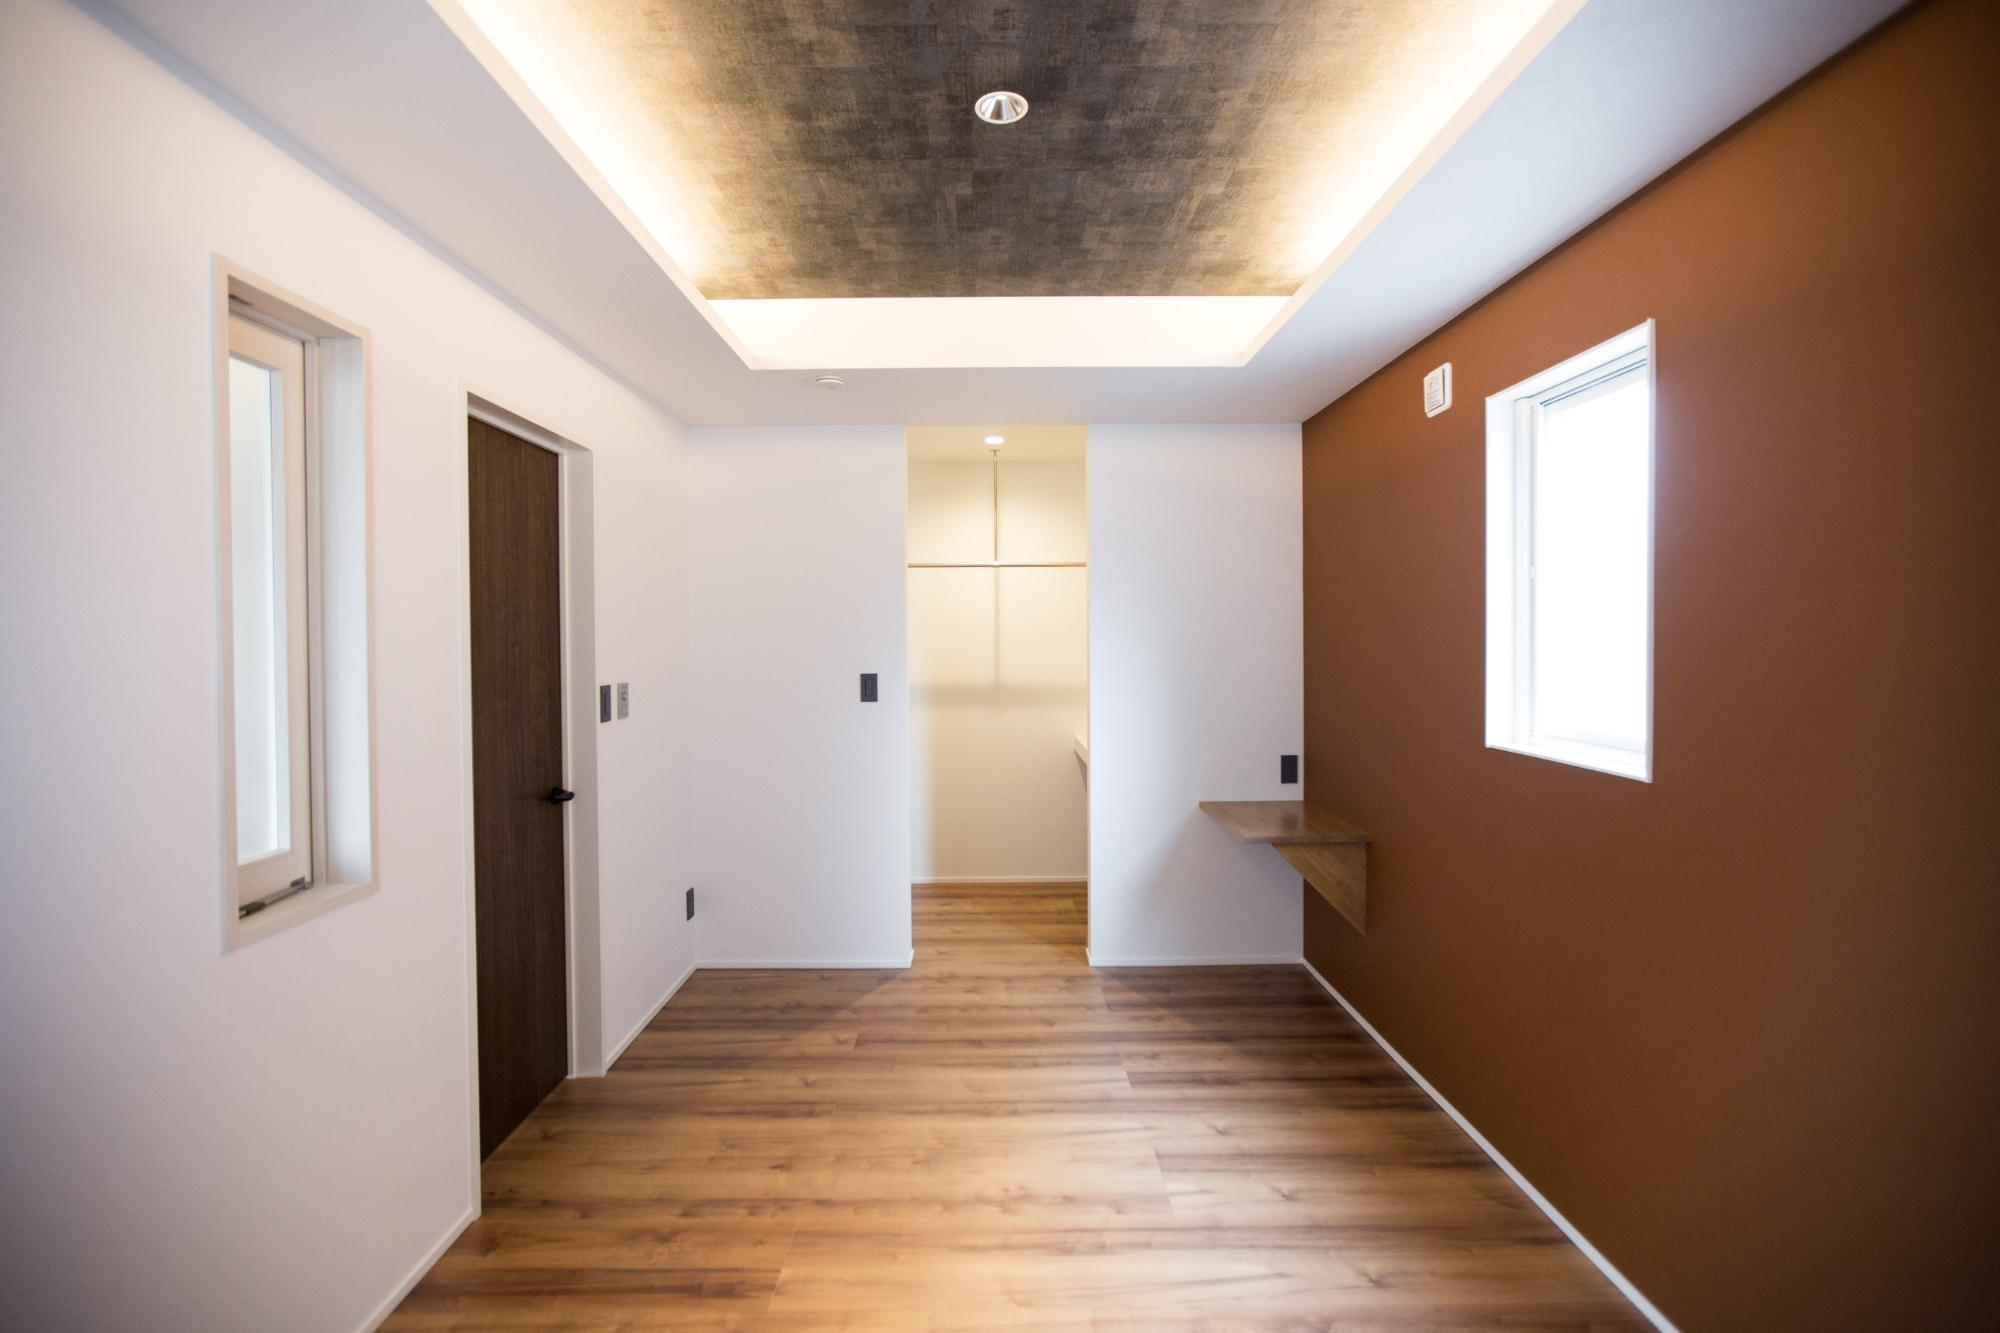 ニコハウス株式会社「ゆとり空間とこだわりが詰まったスタイリッシュハウス」のシンプル・ナチュラル・モダンな居室の実例写真